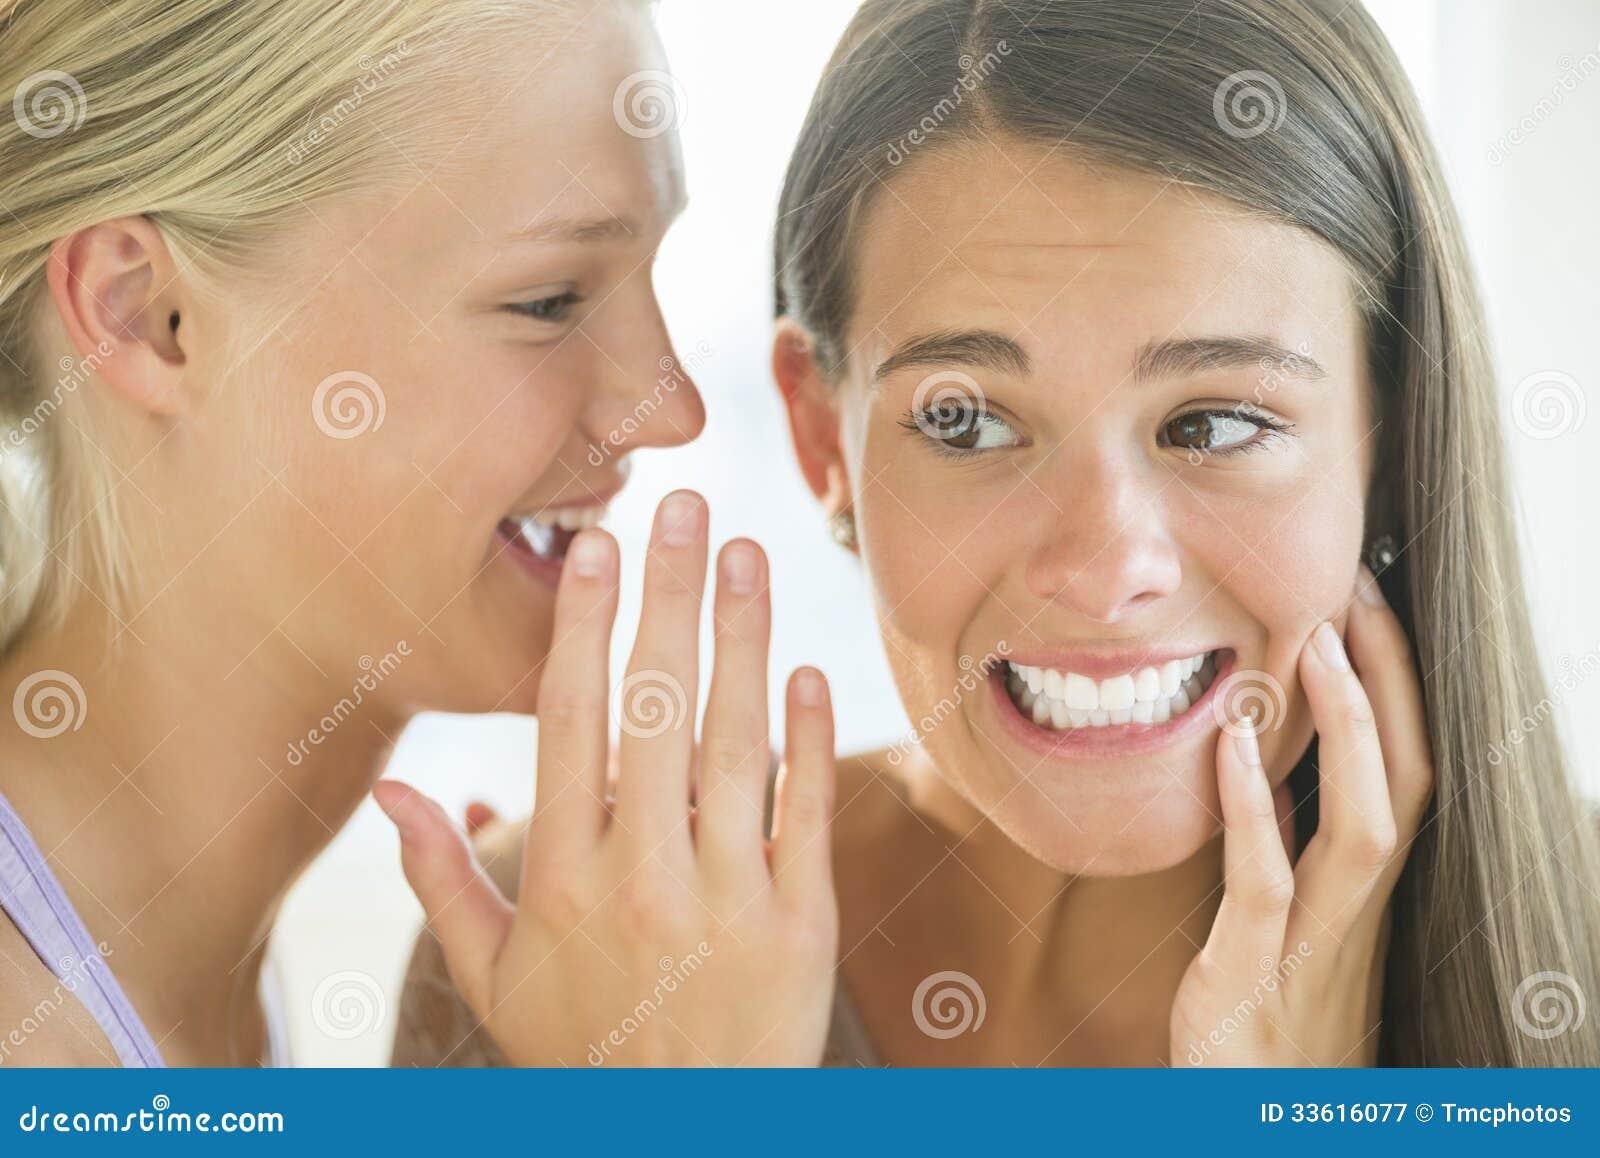 Girl Whispering Into Friend s Ear